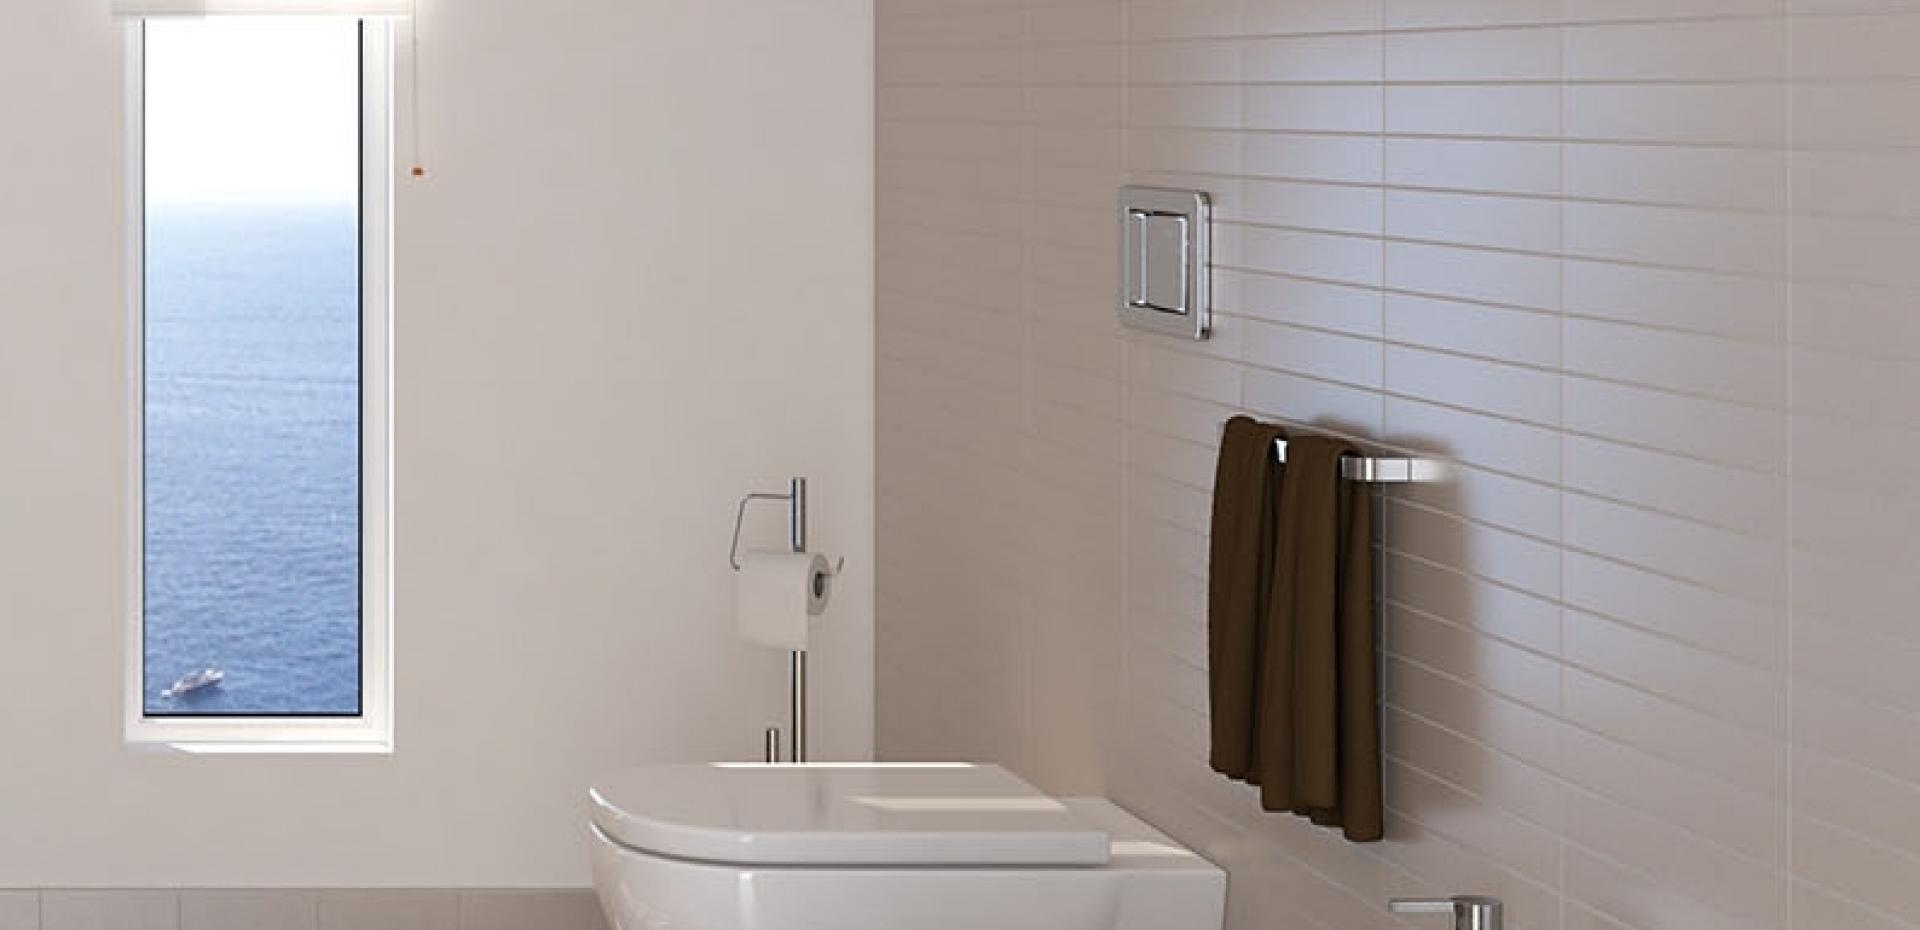 piastrelle Interni Vogue System piastrelle per bagno e cucina